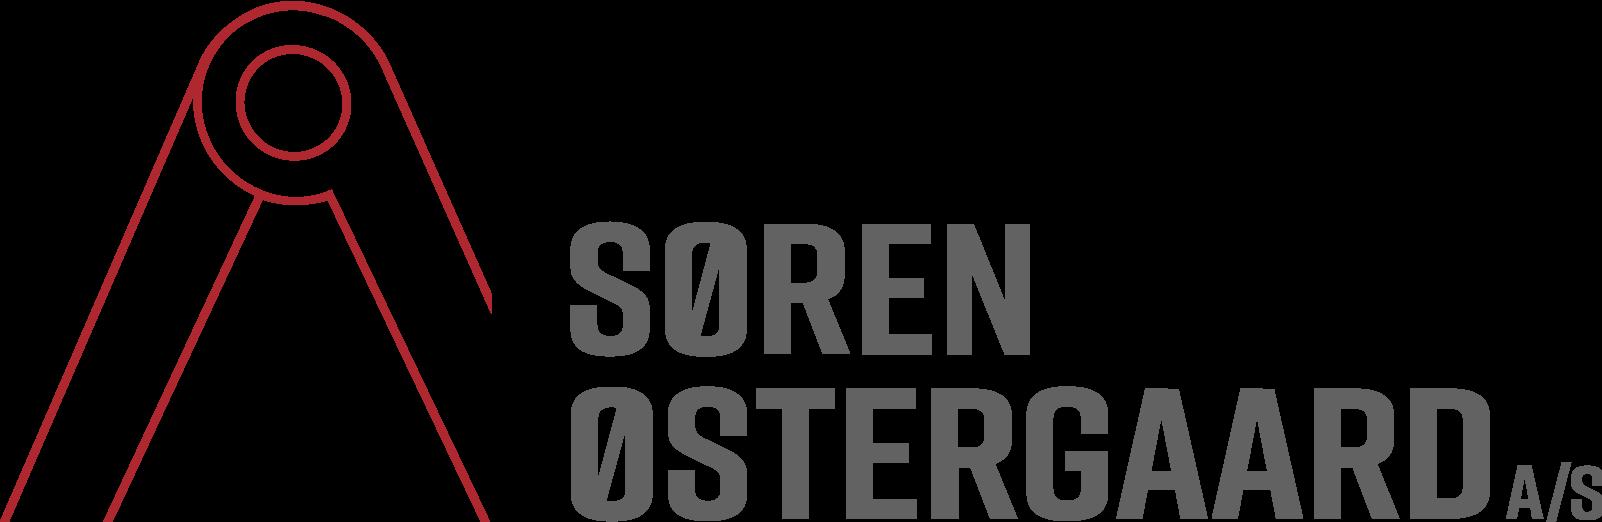 søren østergaard grindsted logo blikkenslager entreprise